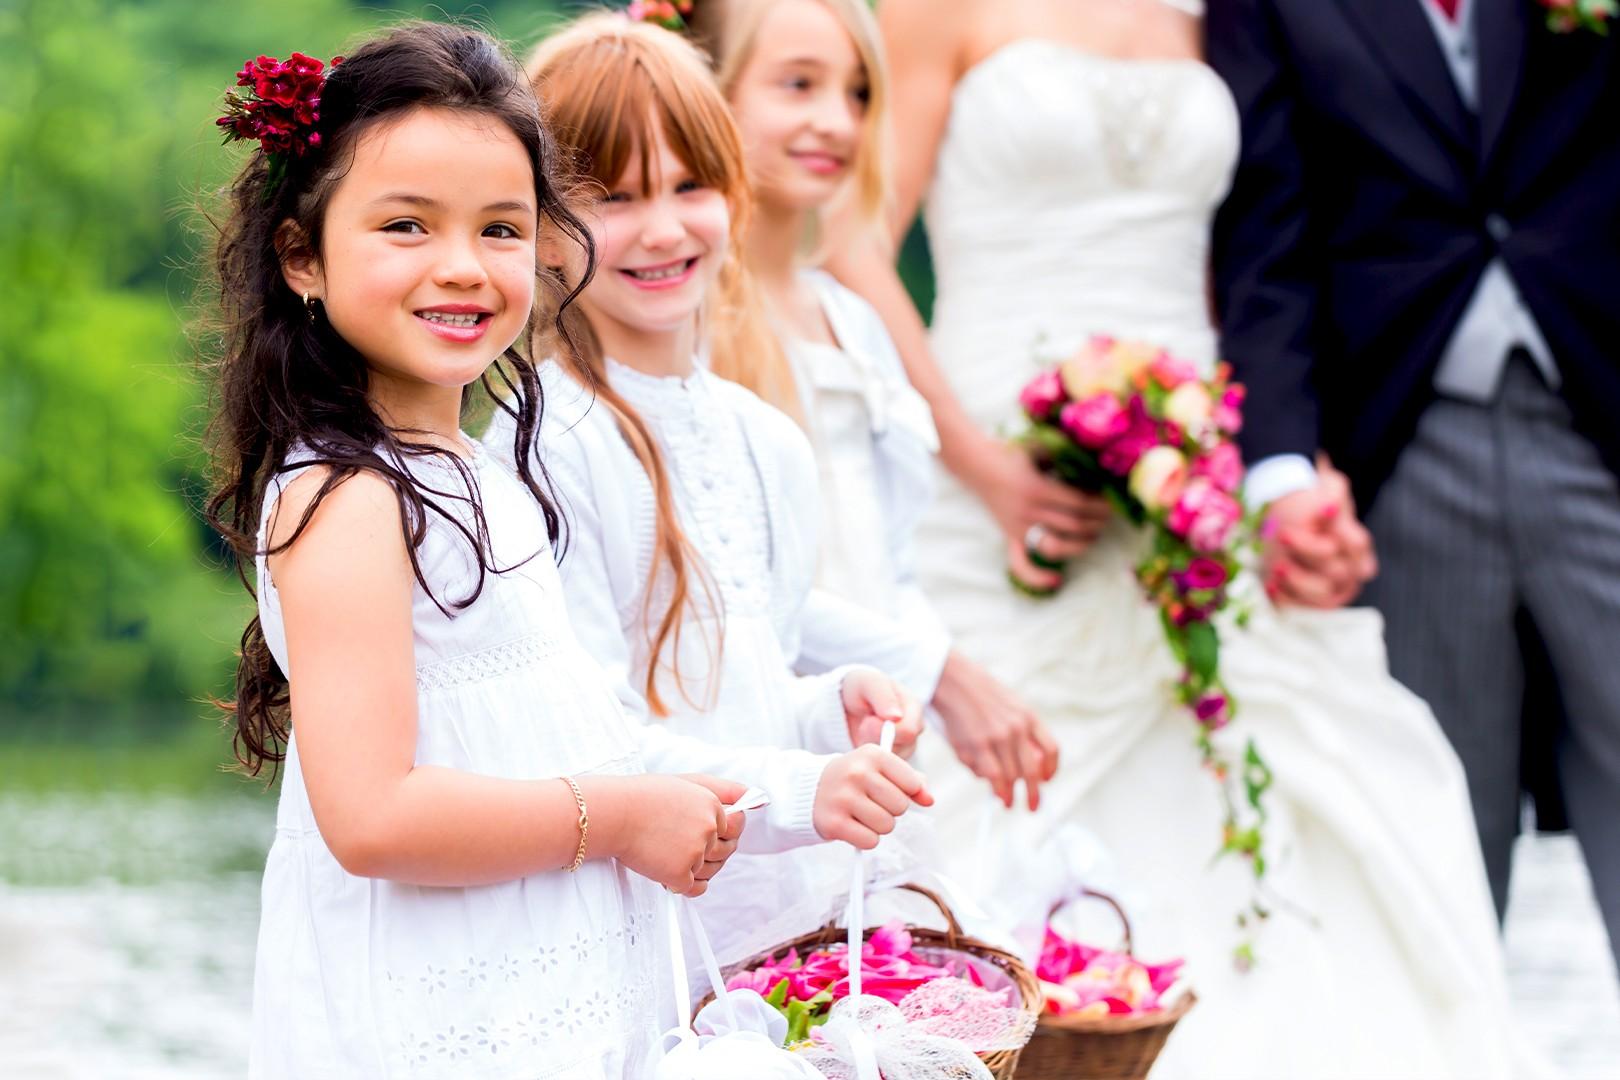 Bambini vestiti eleganti durante un matrimonio